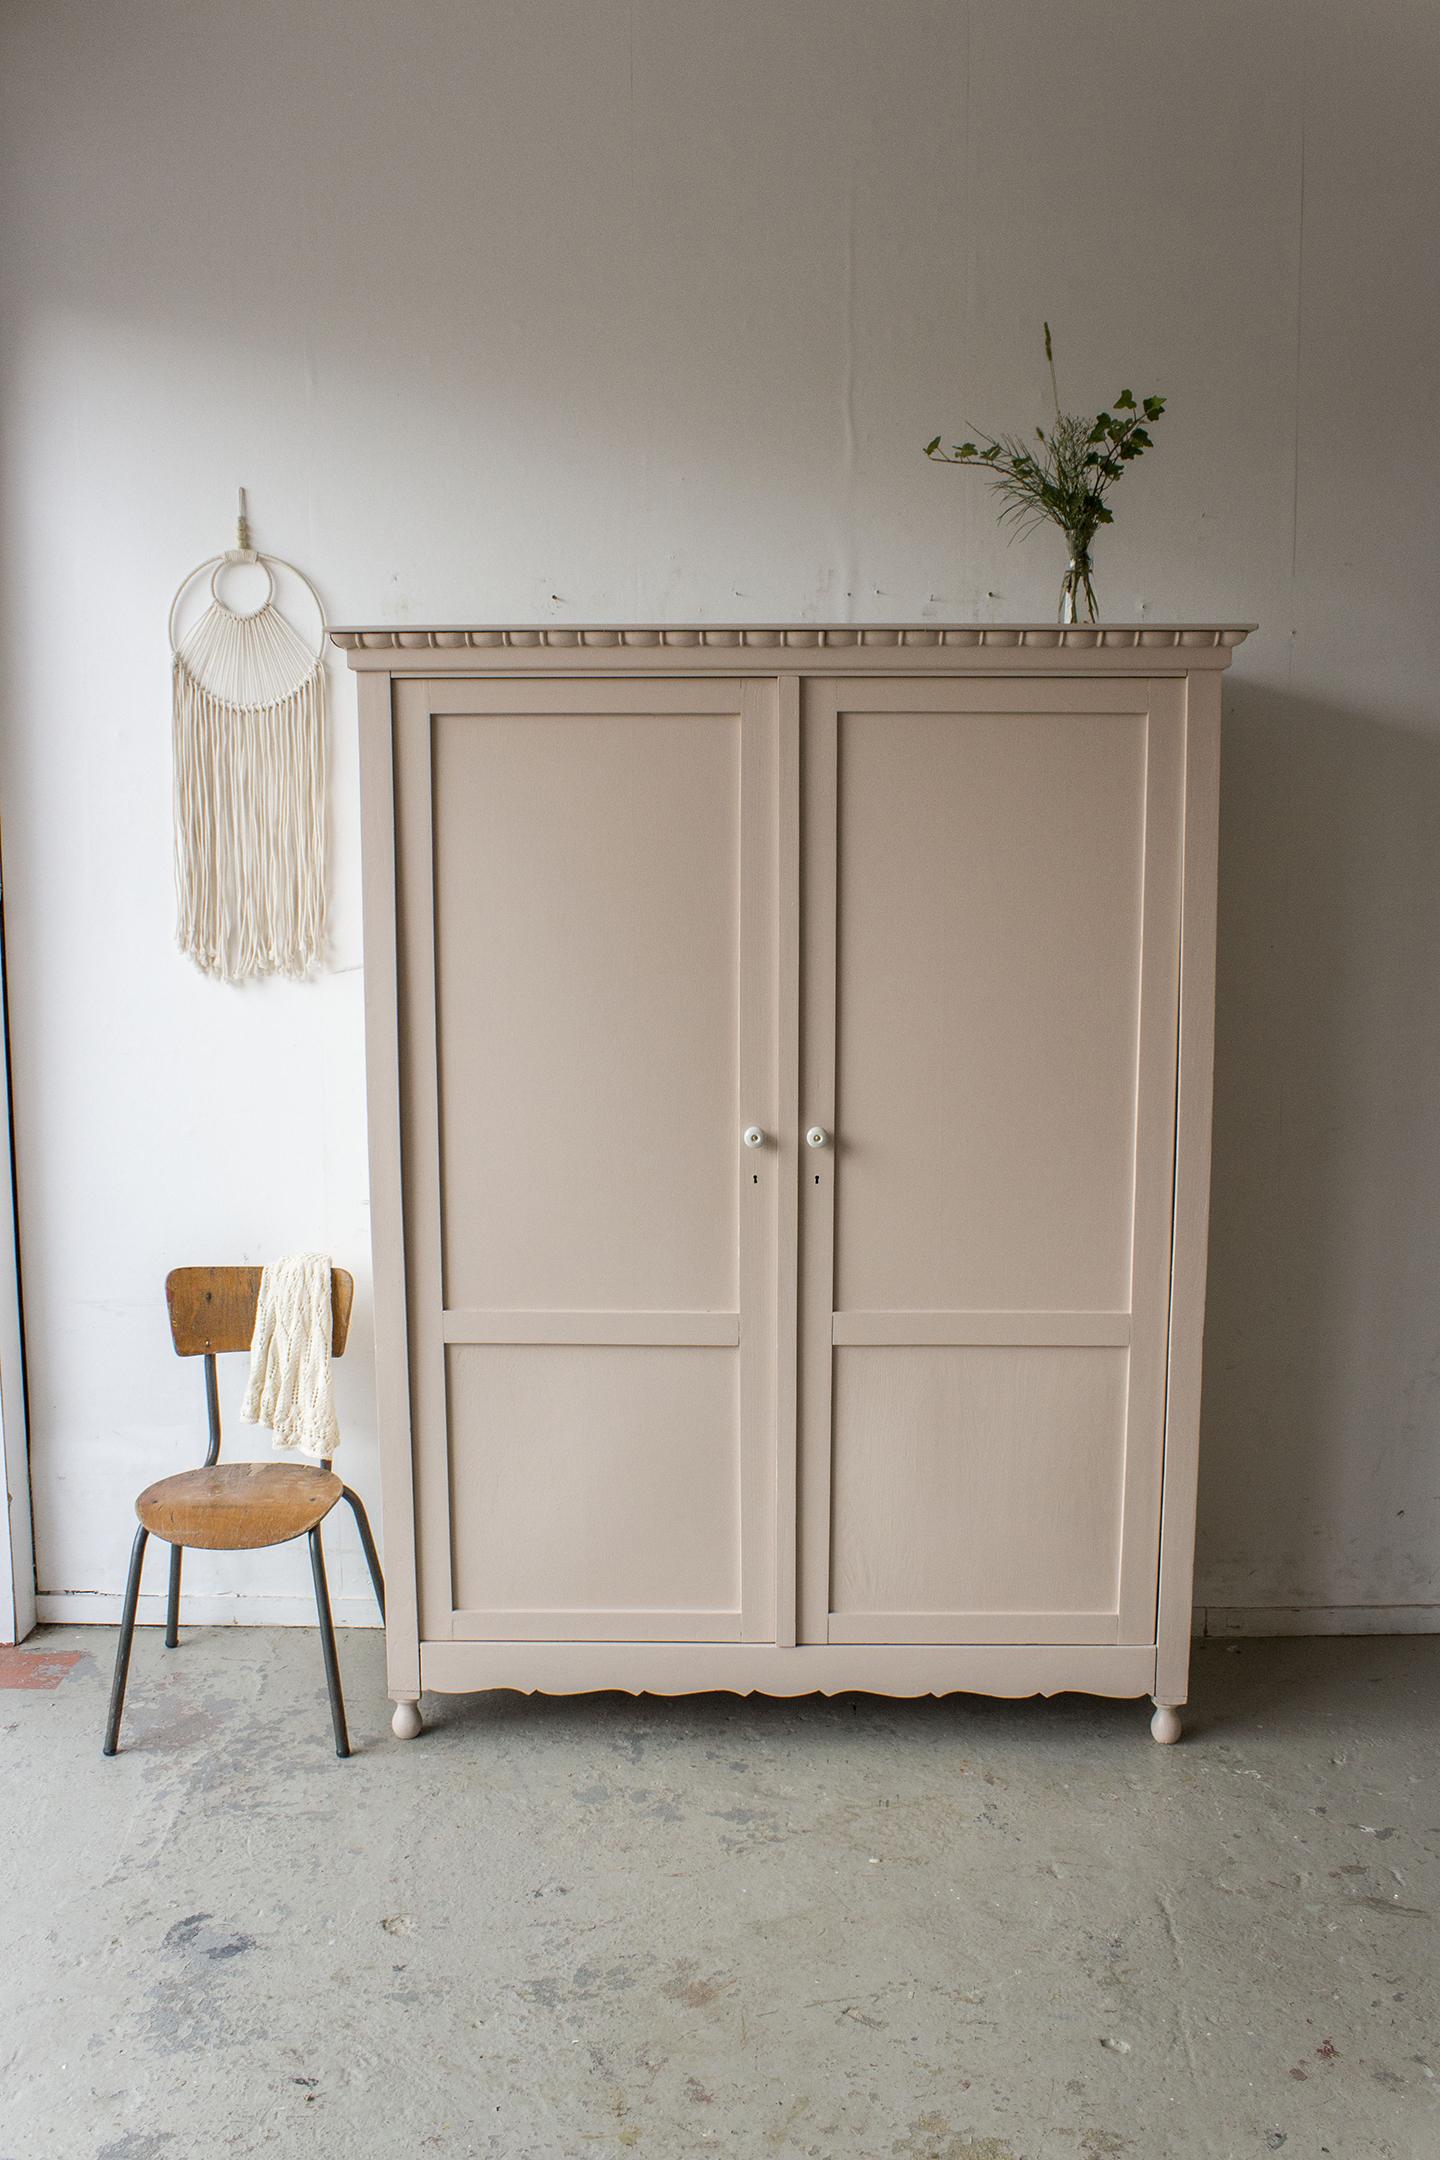 Zachtroze vintage kledingkast -  Firma zoethout_1.jpg